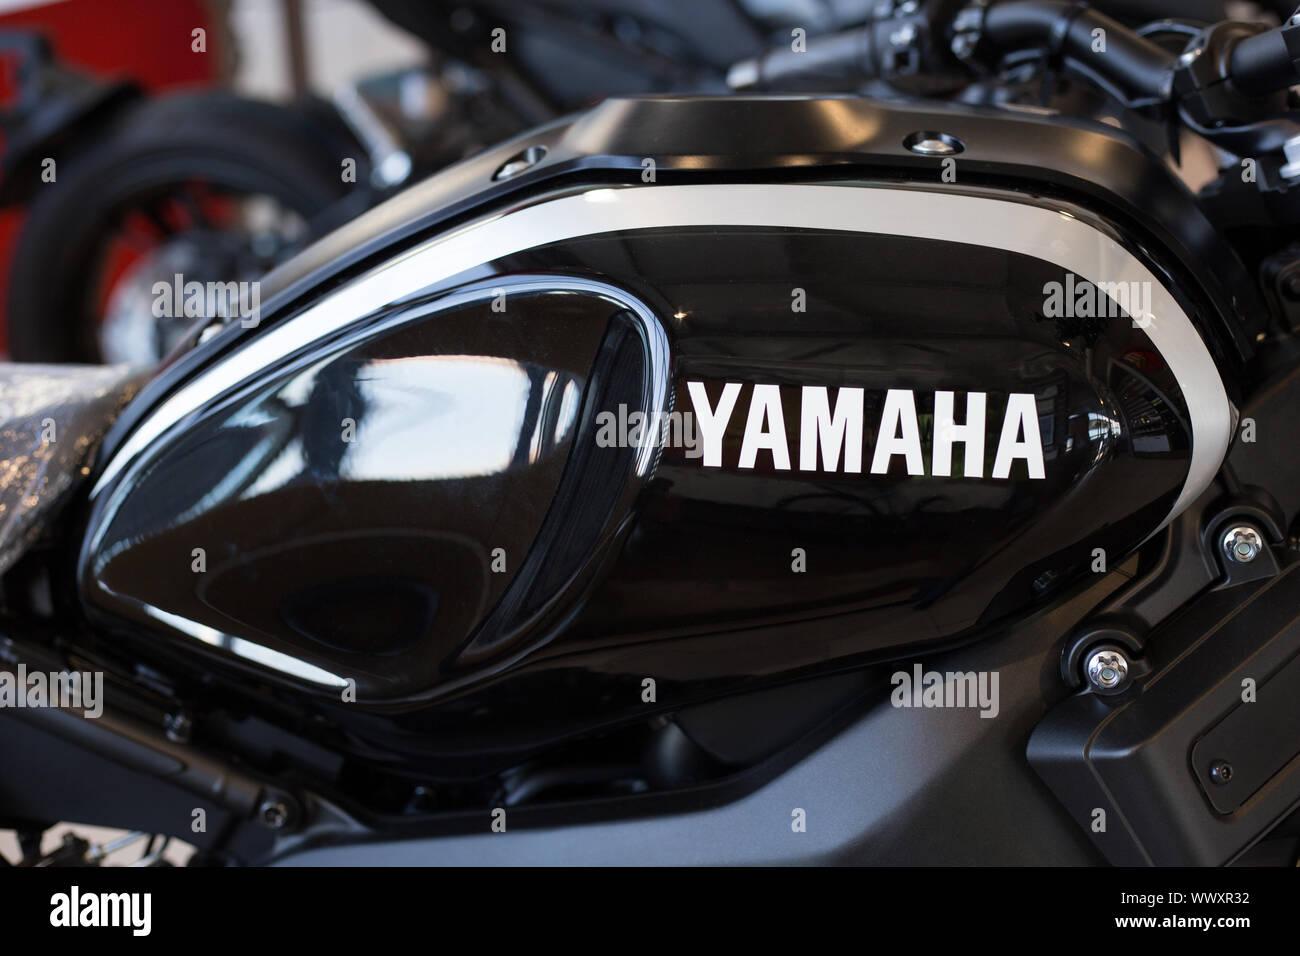 Rusia, Izhevsk - Agosto 23, 2019: Yamaha showroom. Logotipo de Yamaha sobre el depósito de gasolina de moto nueva y moderna. La famosa marca mundial. Foto de stock